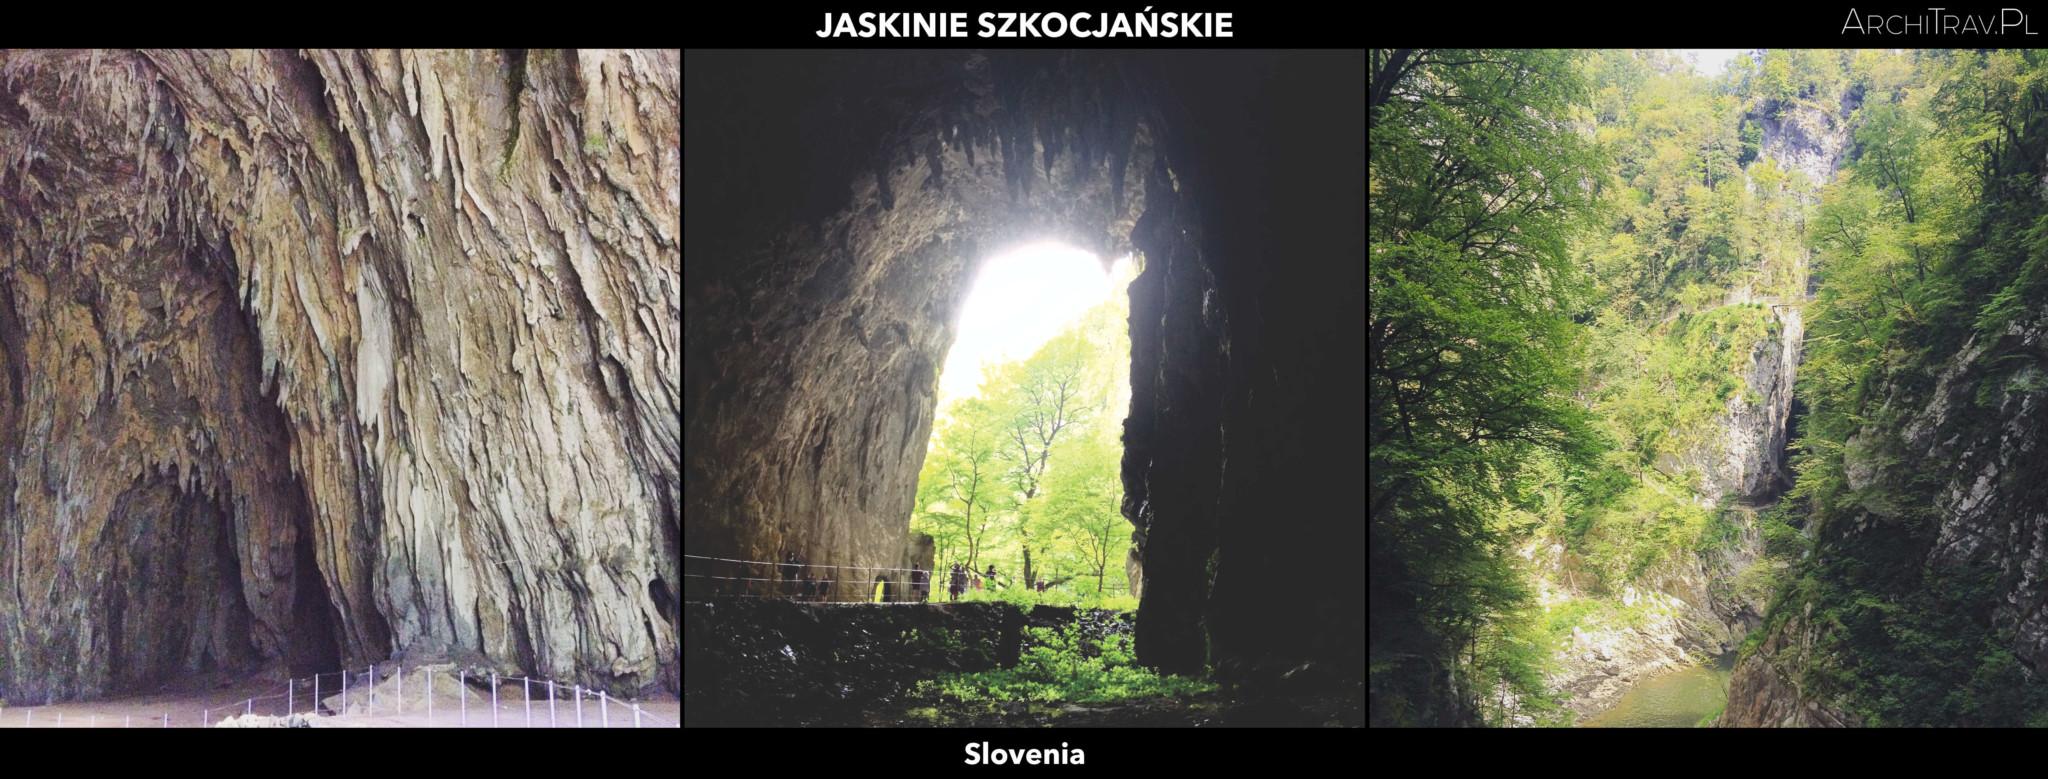 Slowenia Jaskinie Szkocjanskie